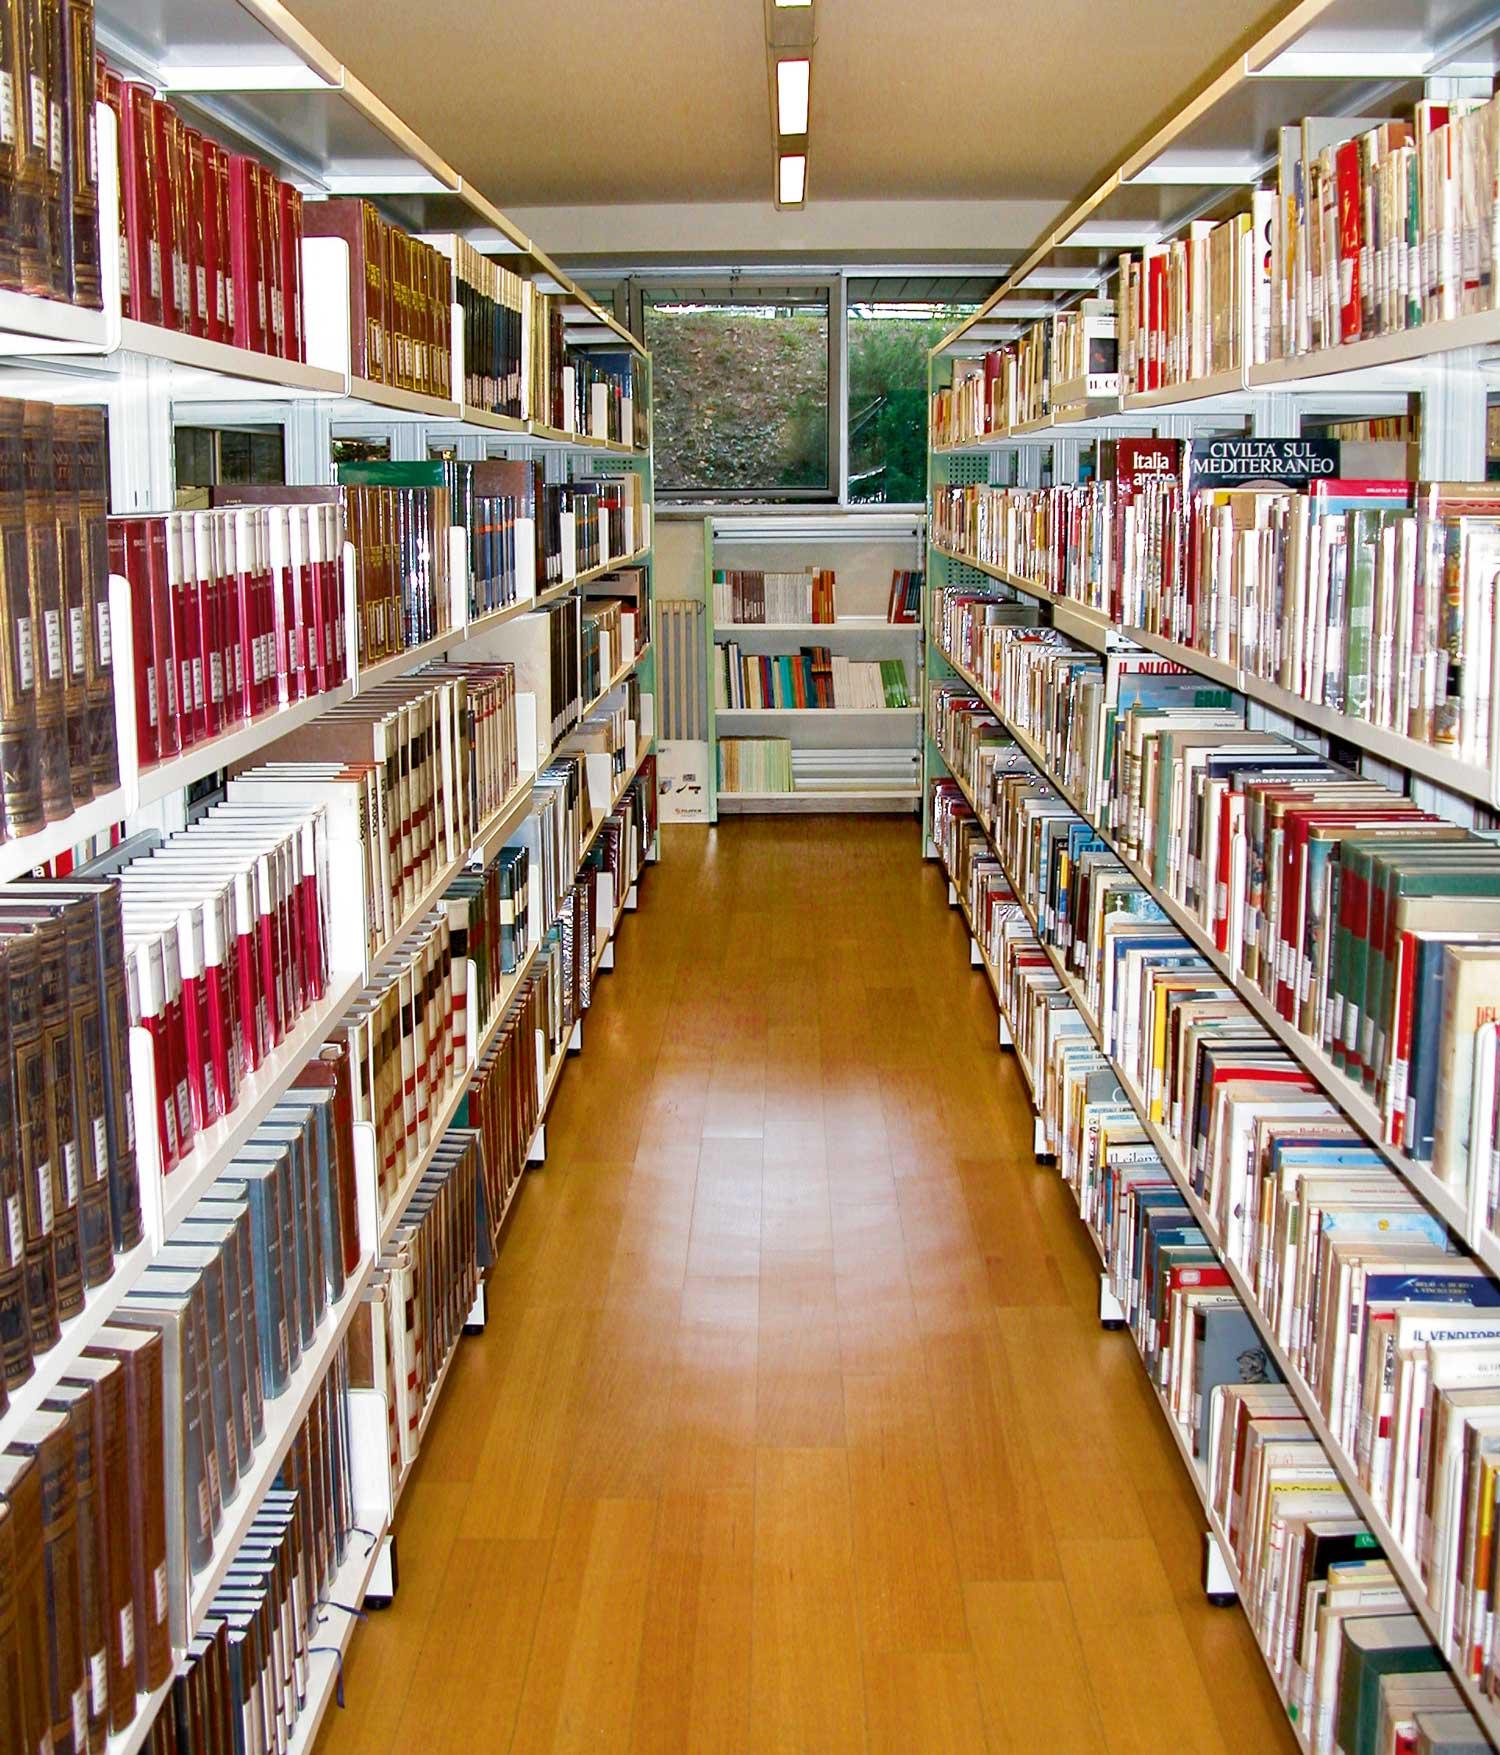 Libreria teknobook centrufficio - Centrufficio cologno ...